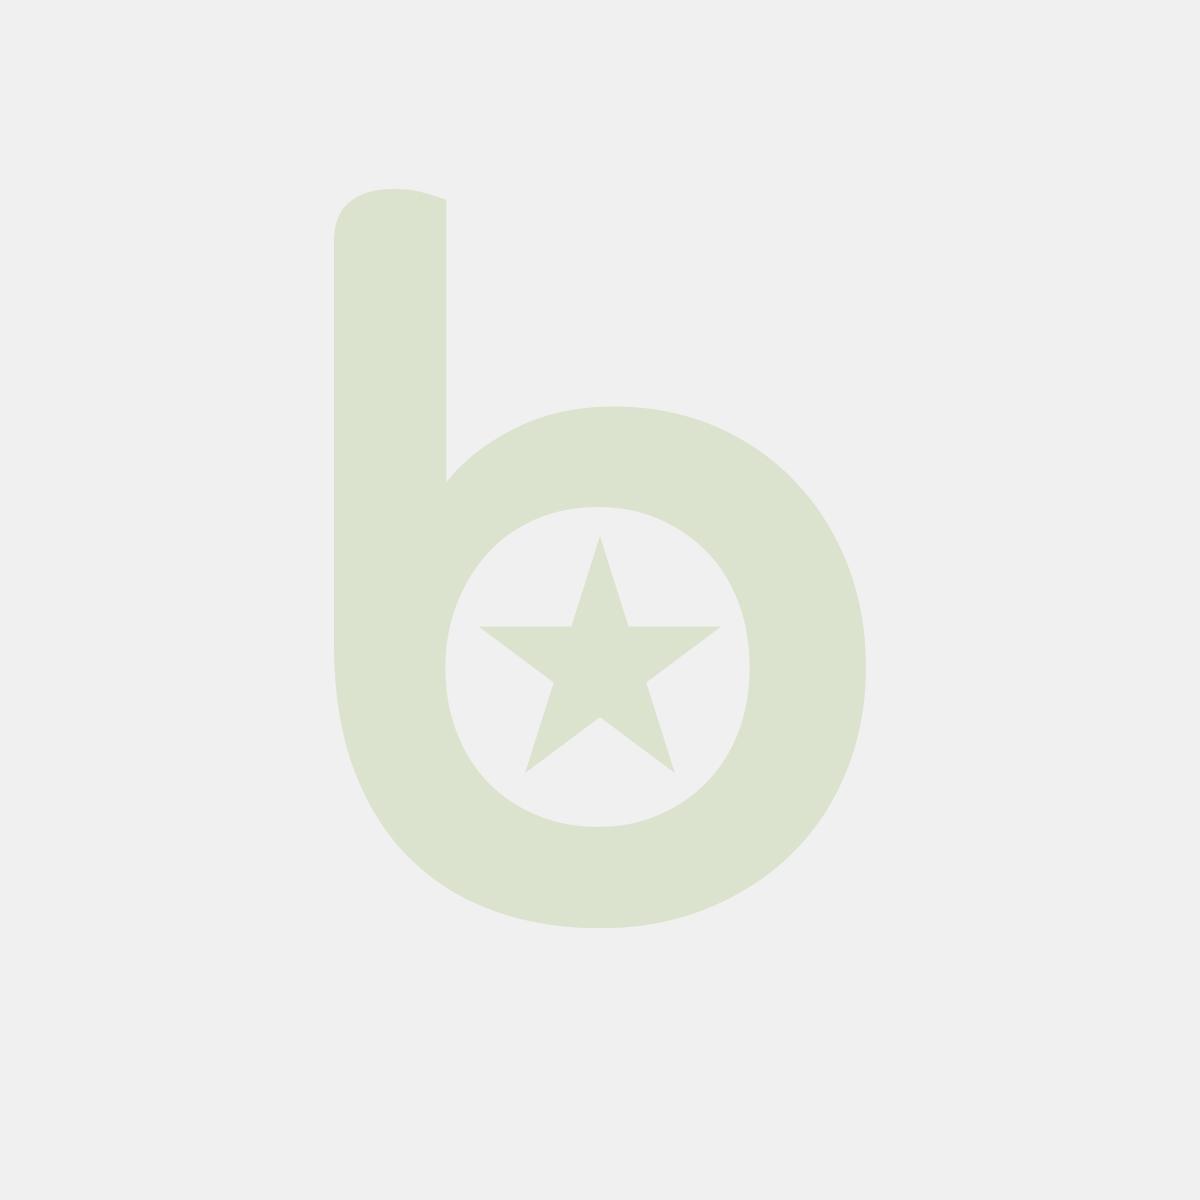 Pojemnik obiadowy do zgrzewu D-9520, 2-dzielny, czarny, 227x178x33, cena za op. 40 sztuk